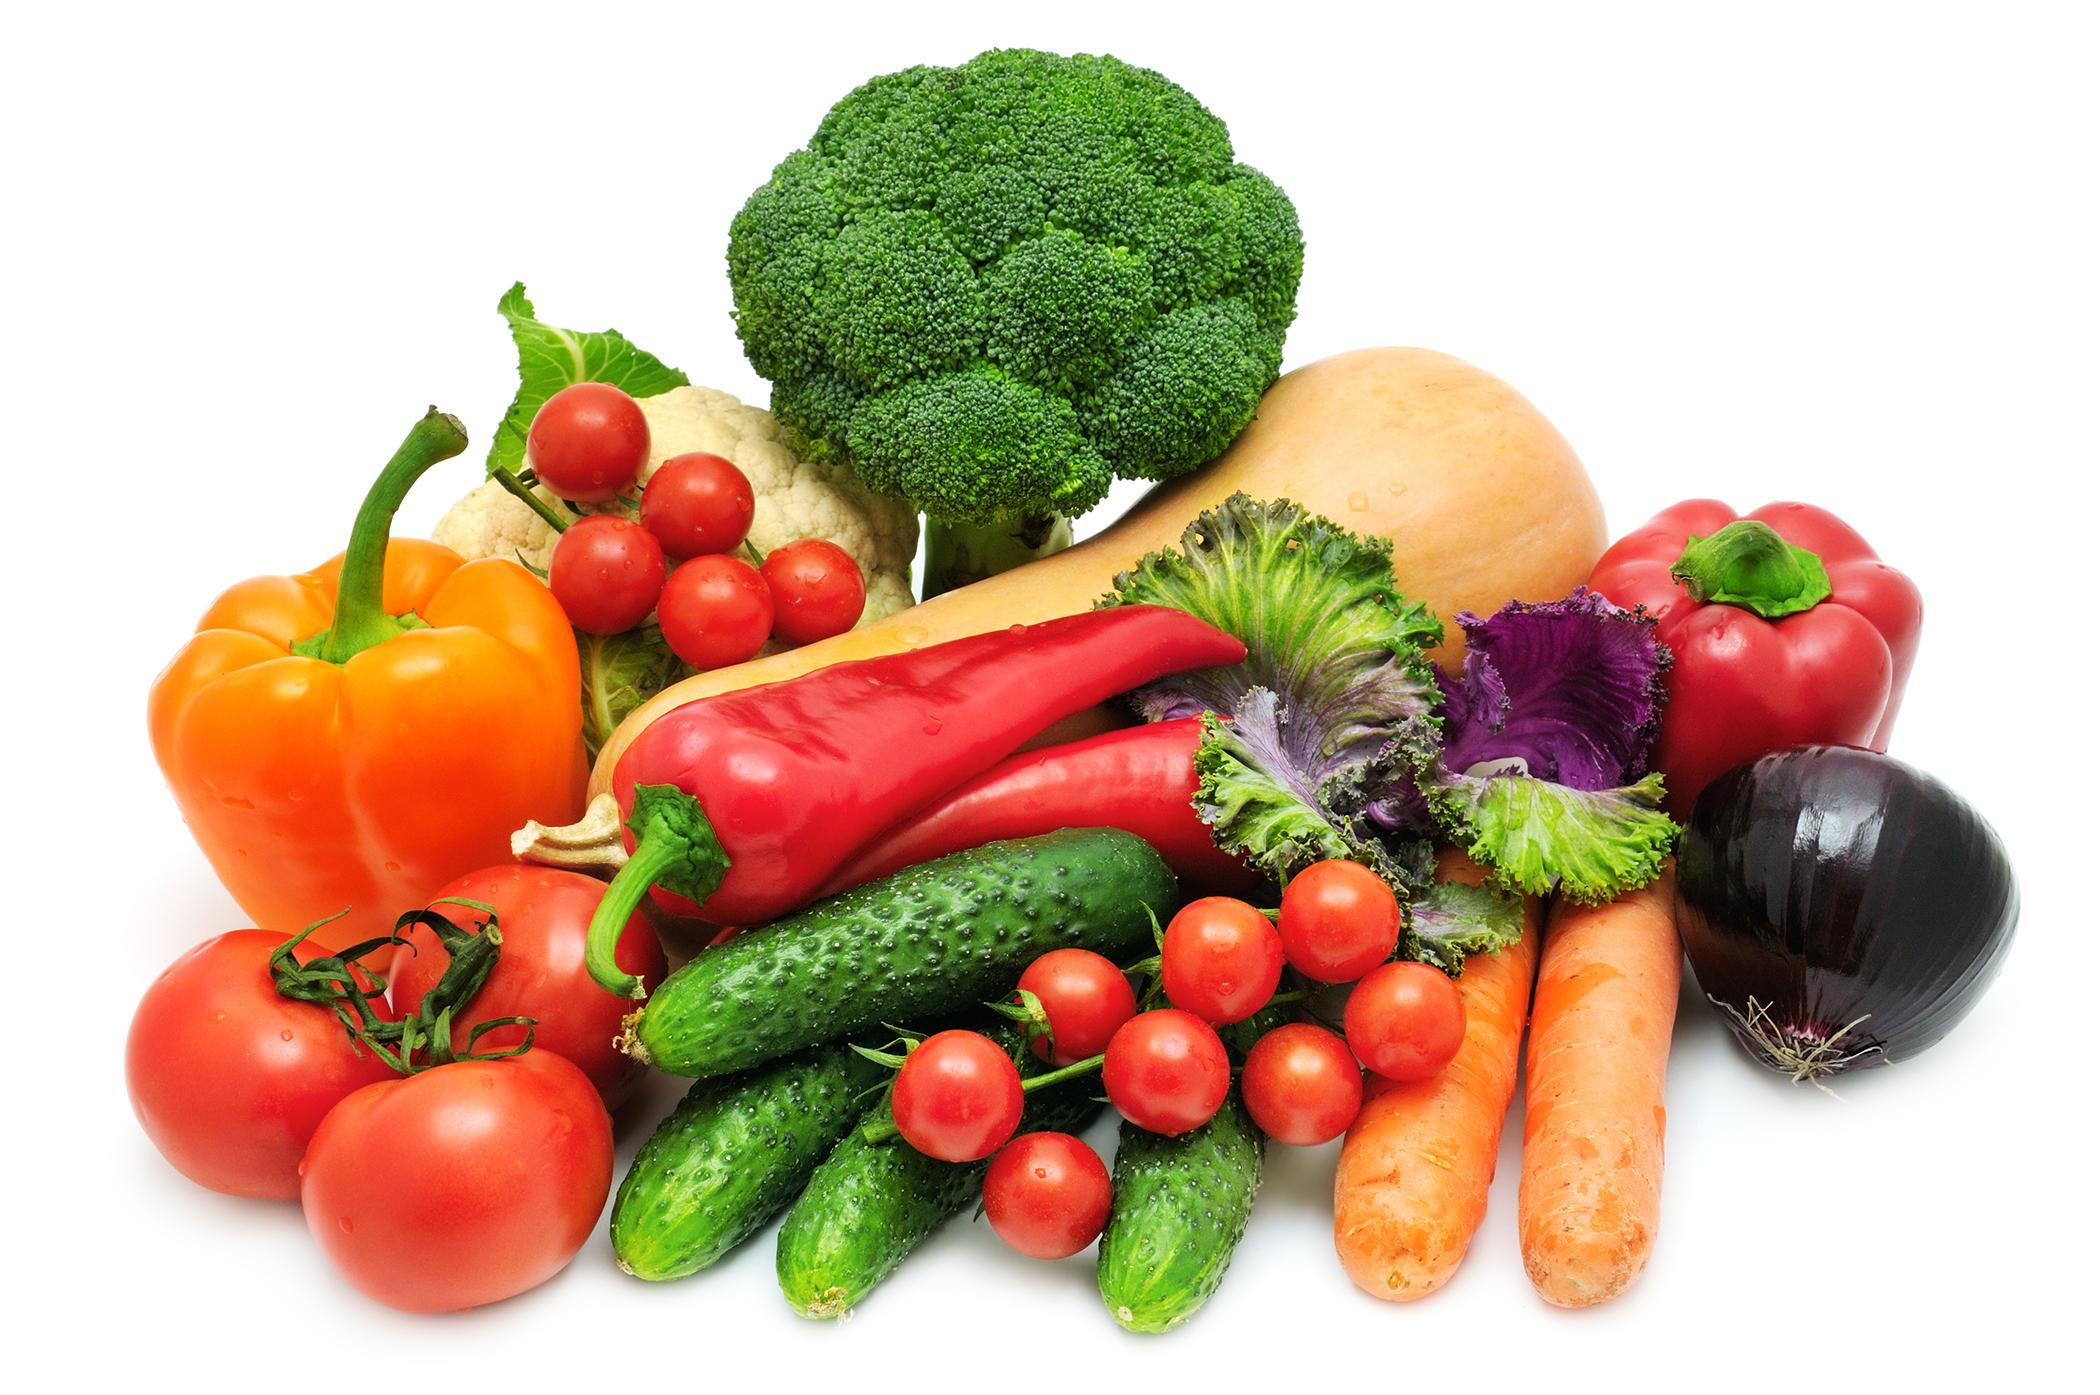 تجربة الصيام مع عصير الخضراوات